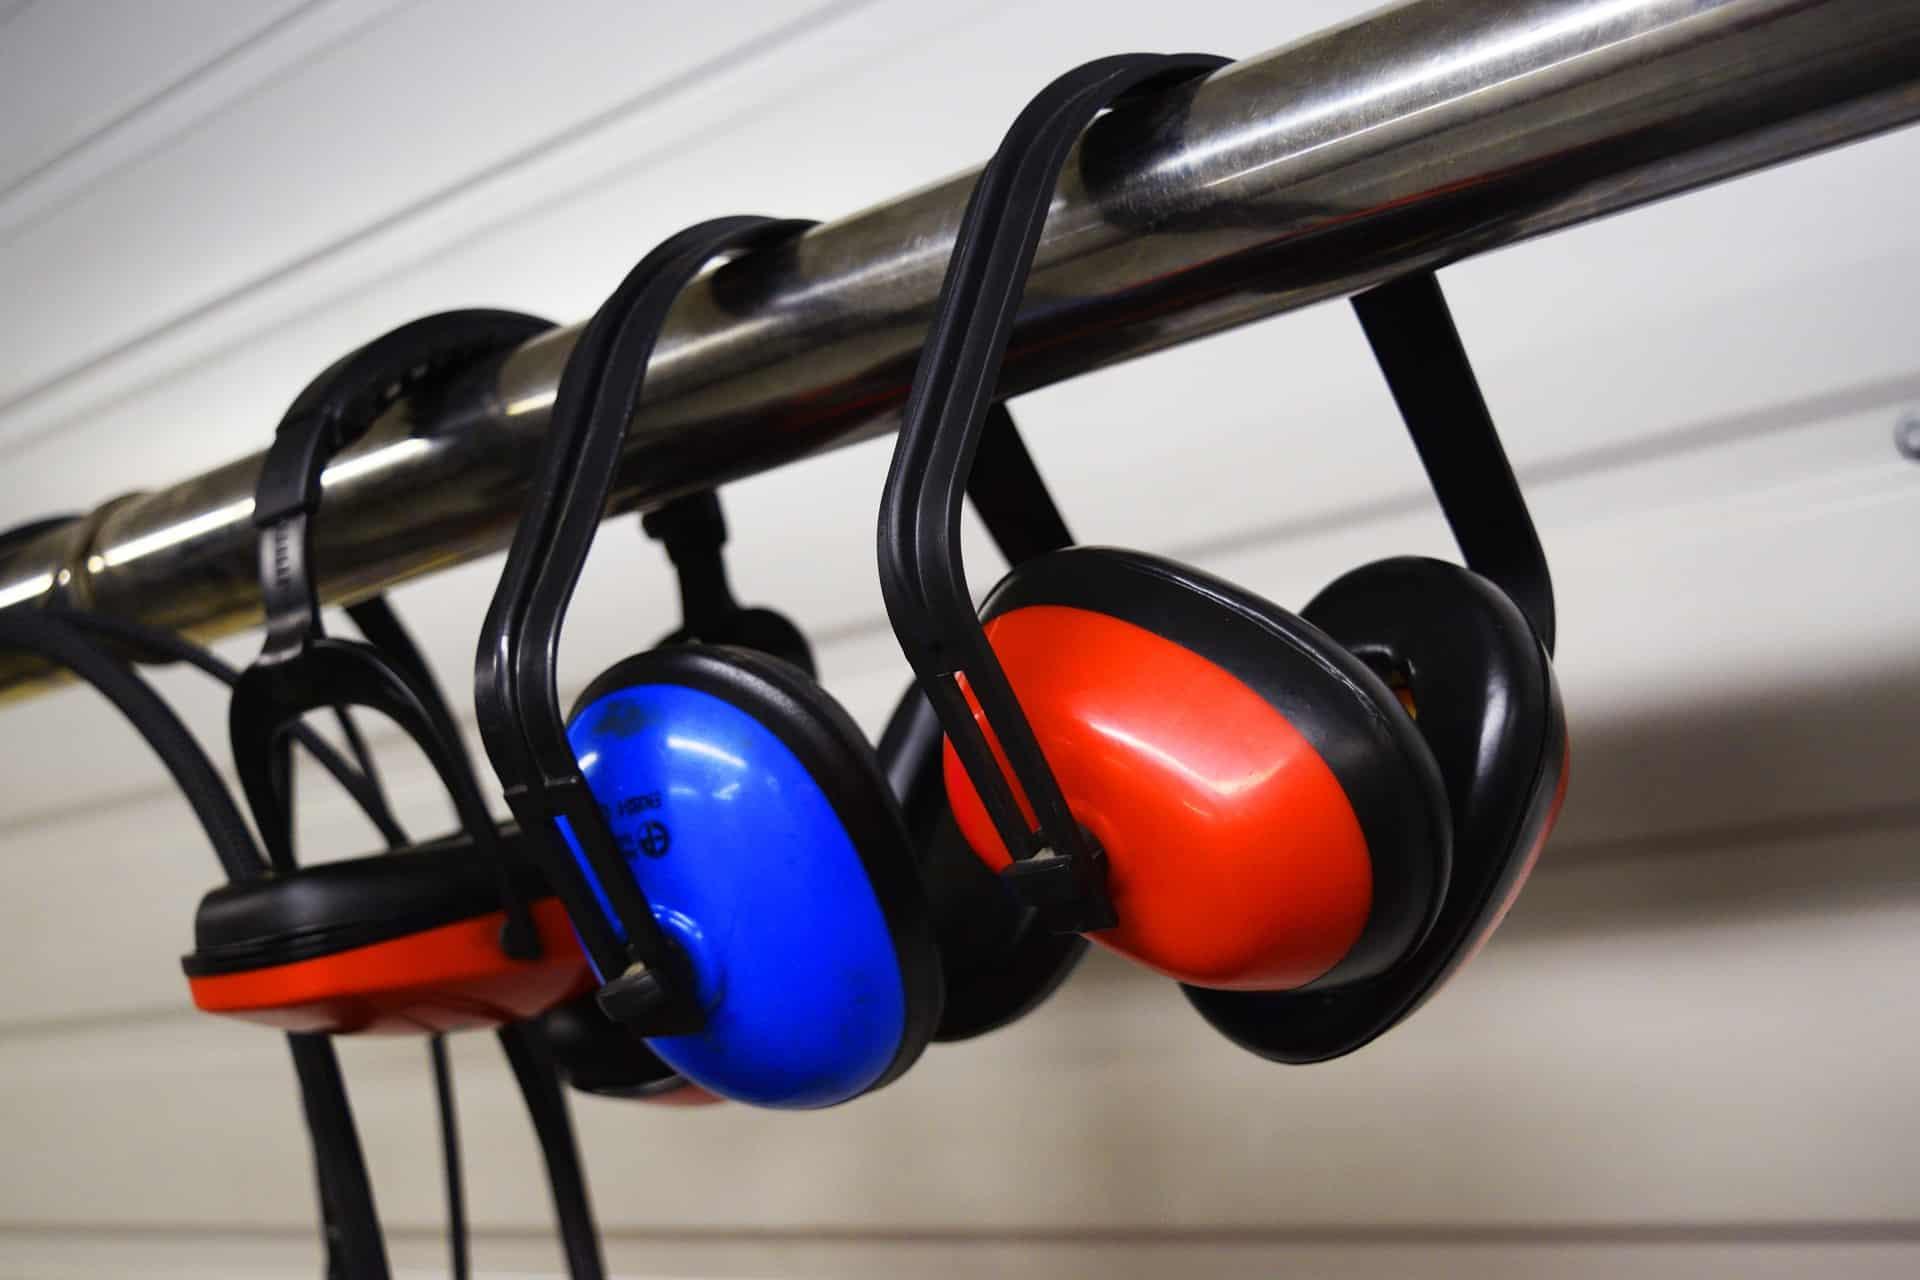 Abafador de ruídos: Qual é o melhor em 2020?